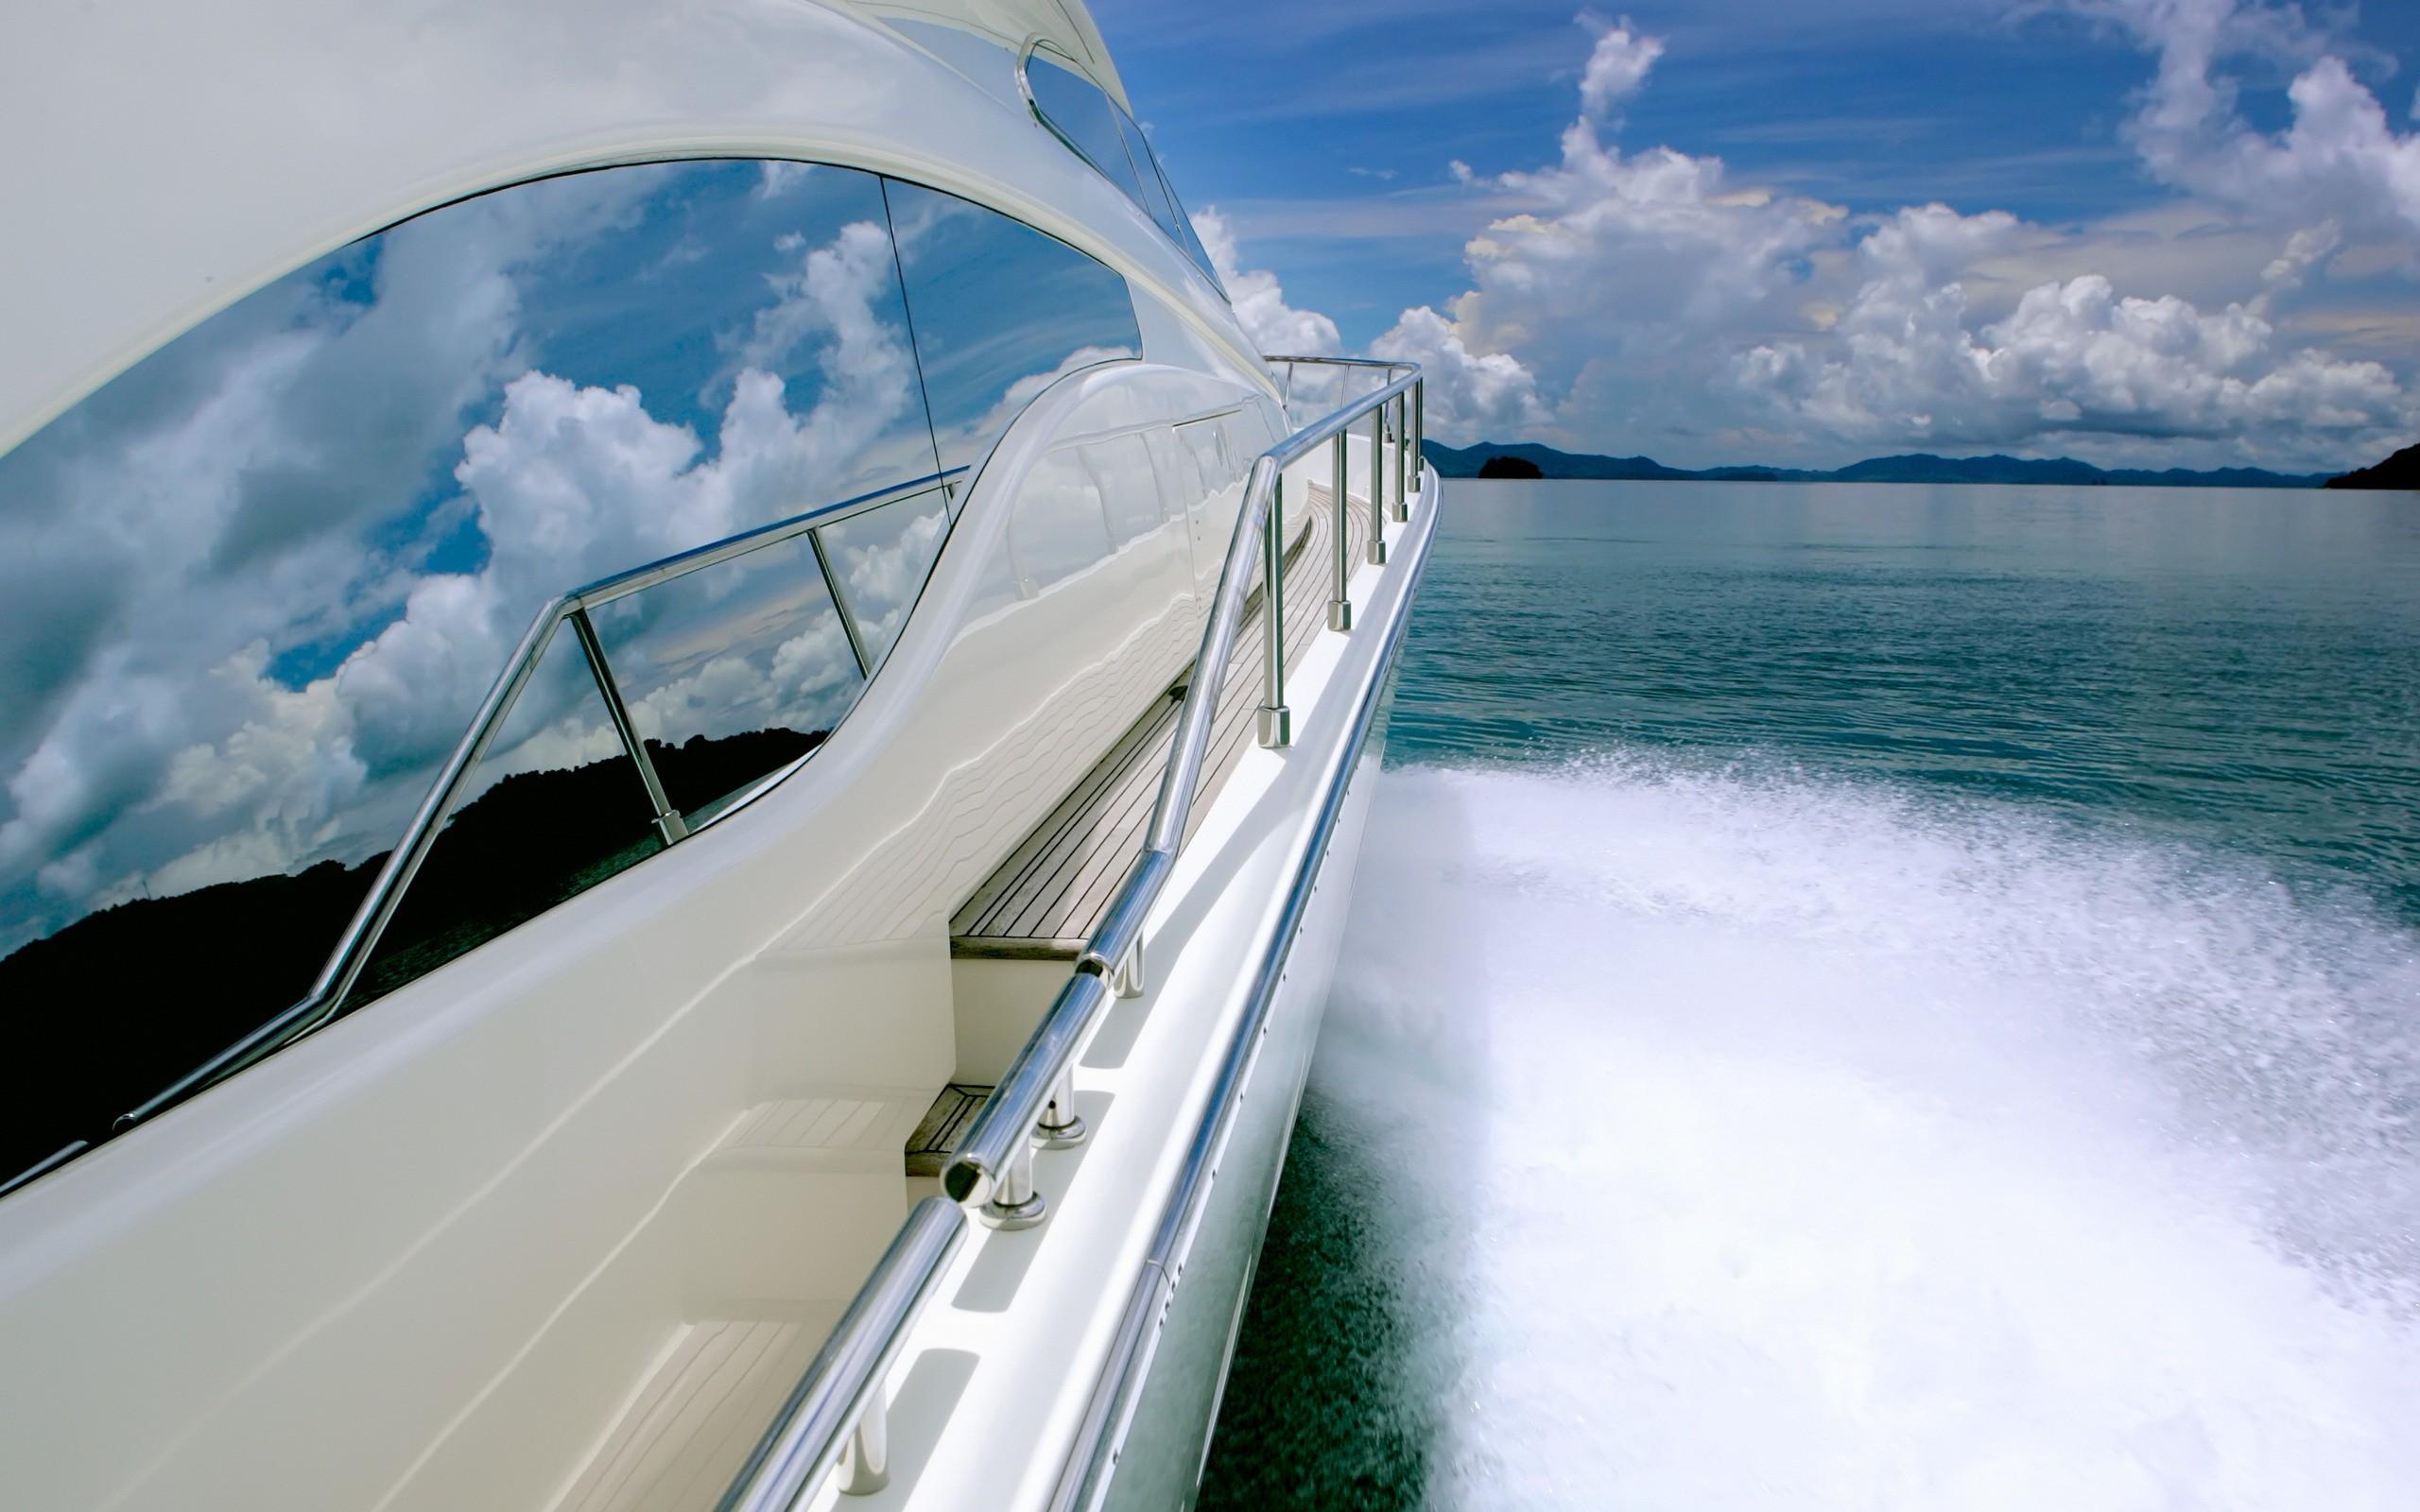 Paseando en un bote - 2560x1600